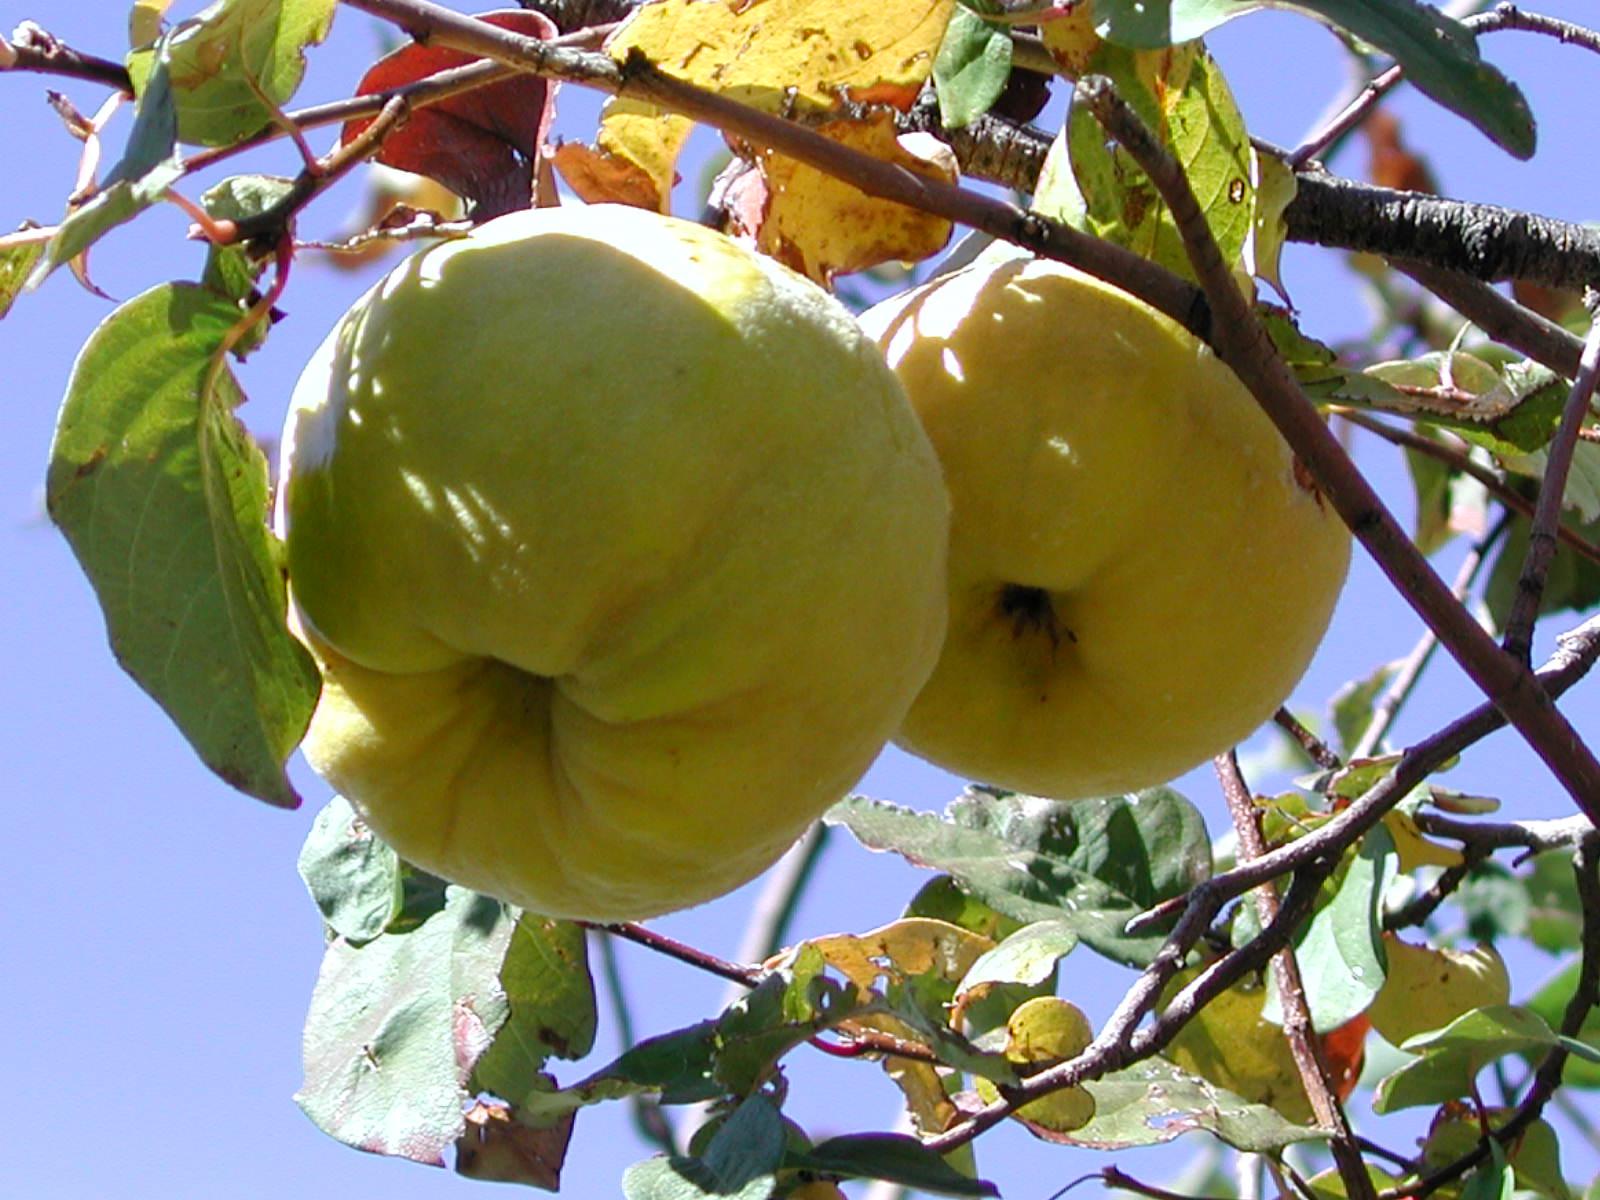 خواص فوق العاده میوه به و دانه اش